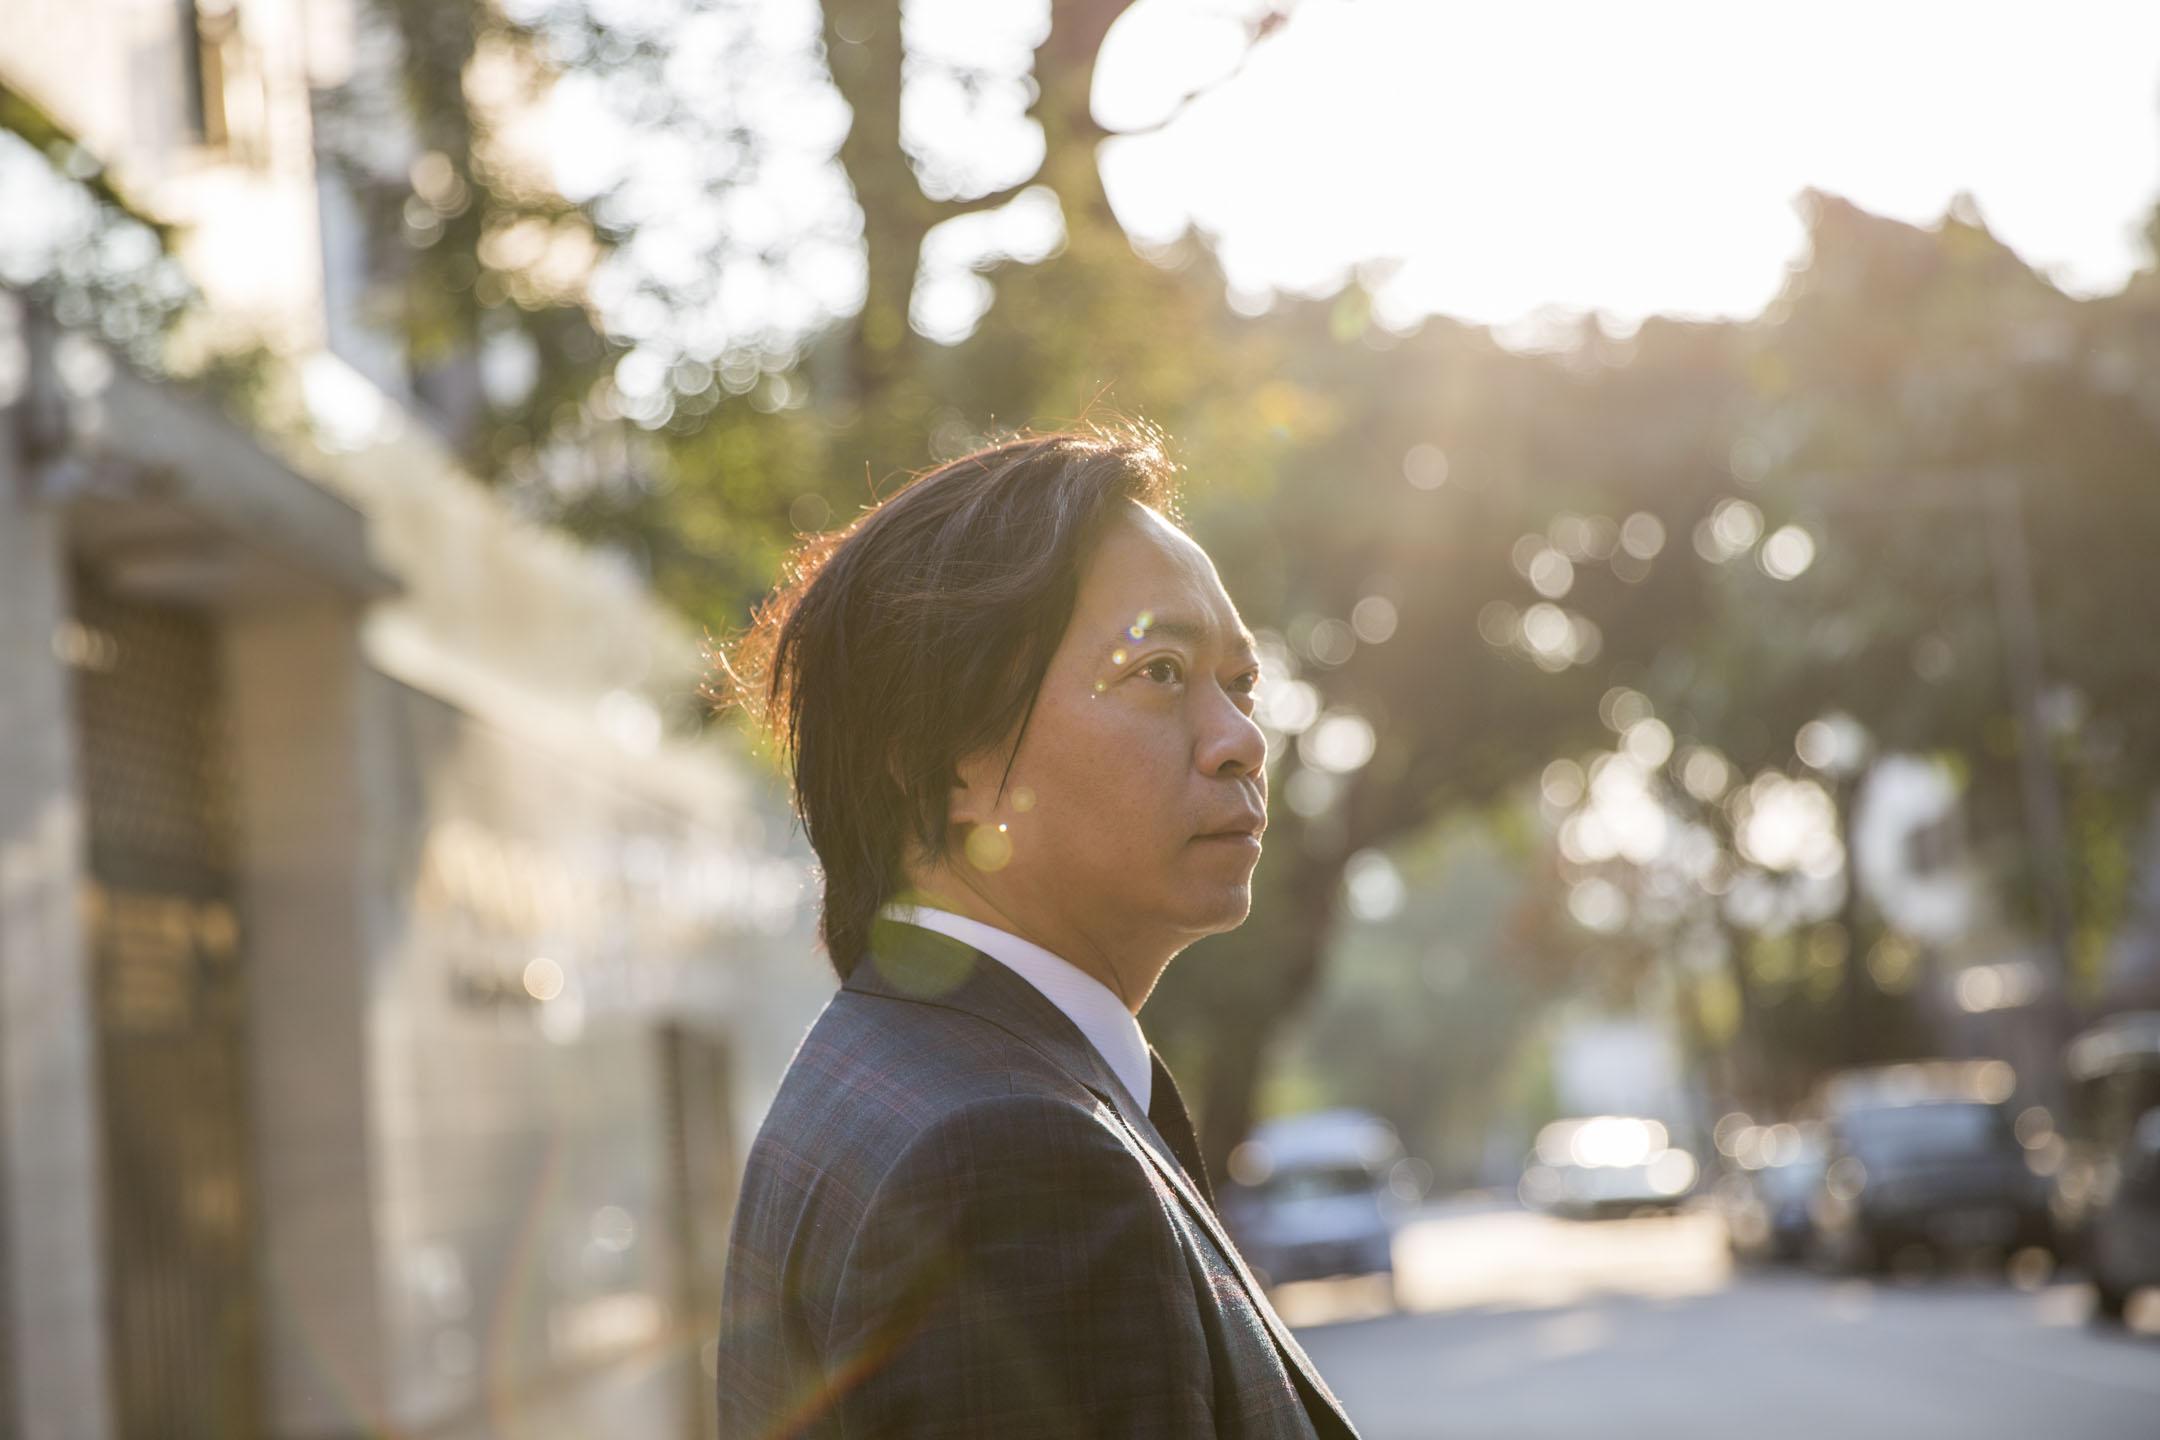 51歲的劉偉聰是反修例運動中其中一位義務大律師,八月他決定參選今屆區議會,成為深水埗又一村選區候選人。